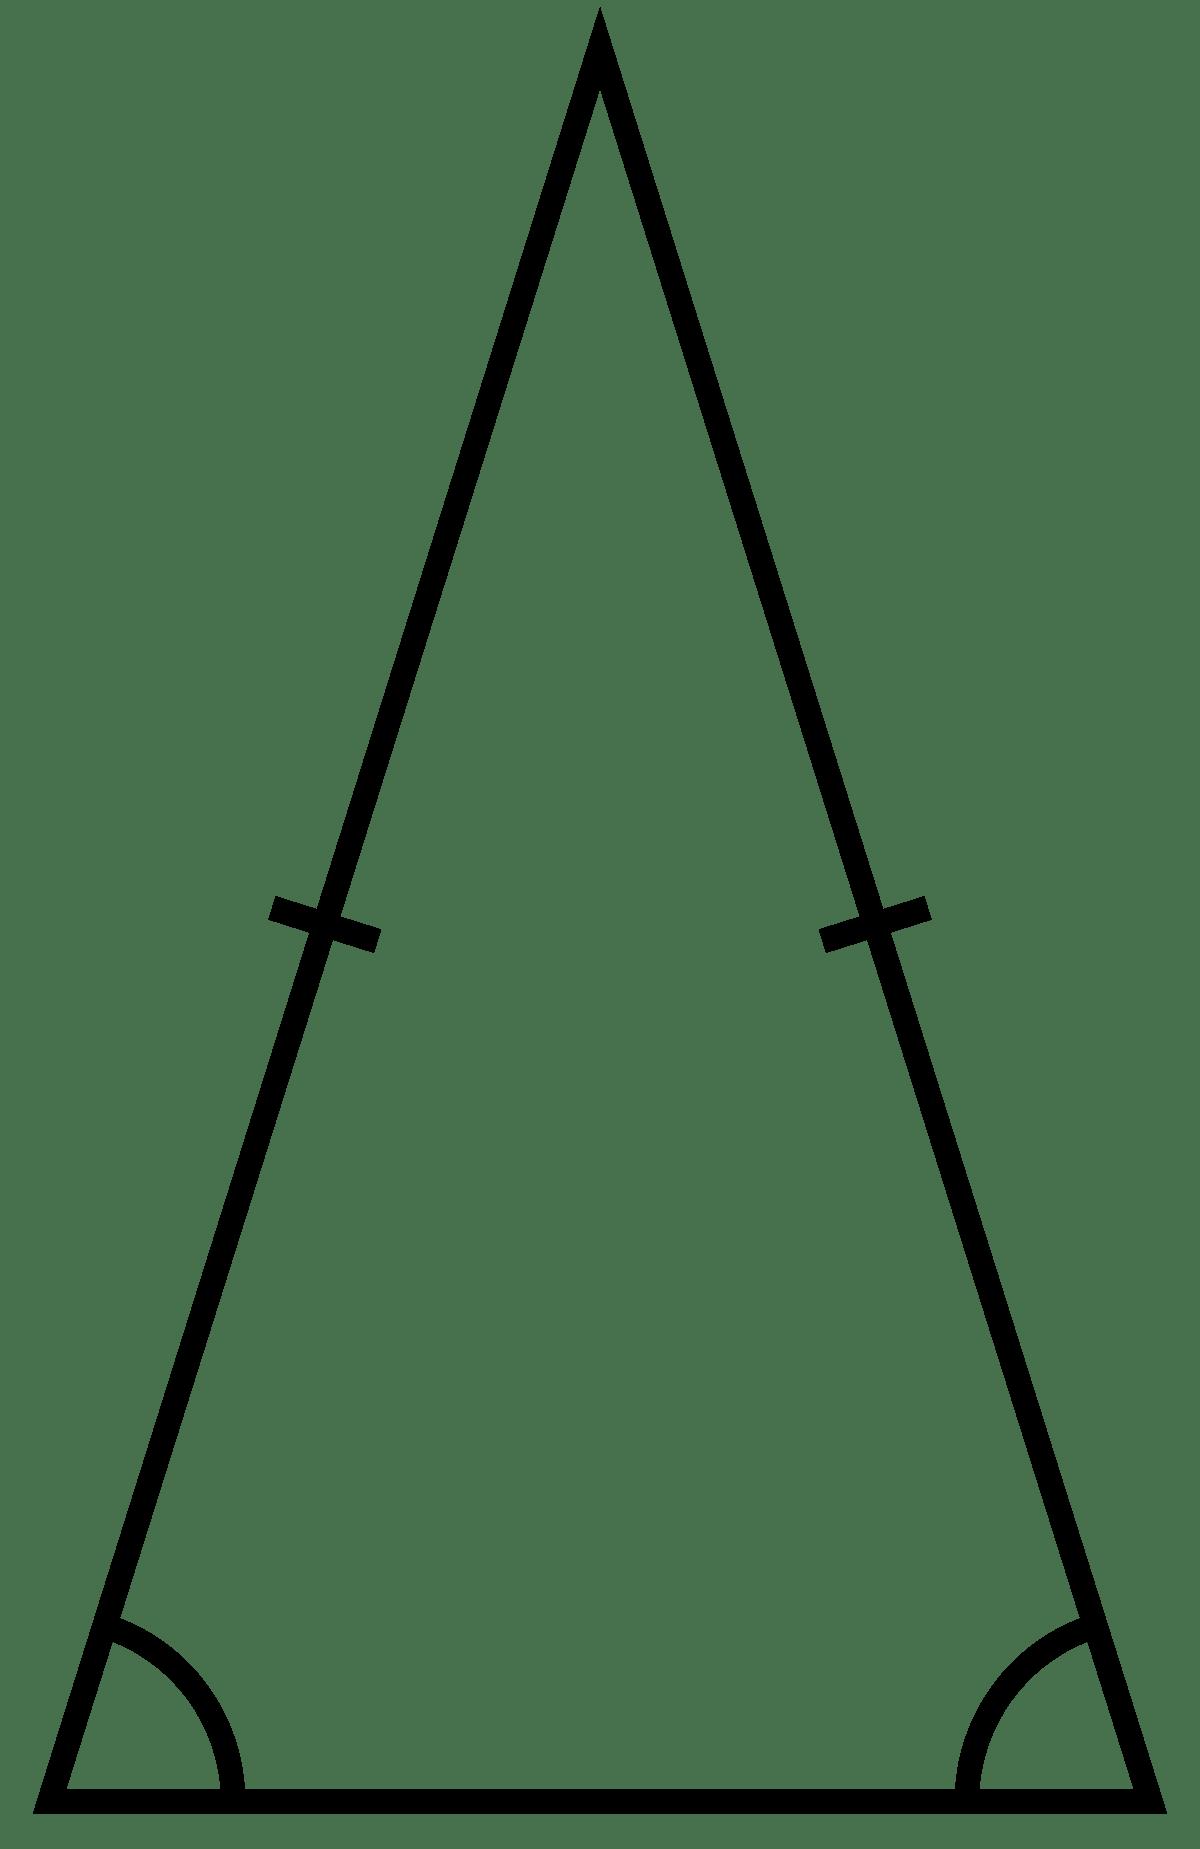 Scalene triangle clipart » Clipart Portal.